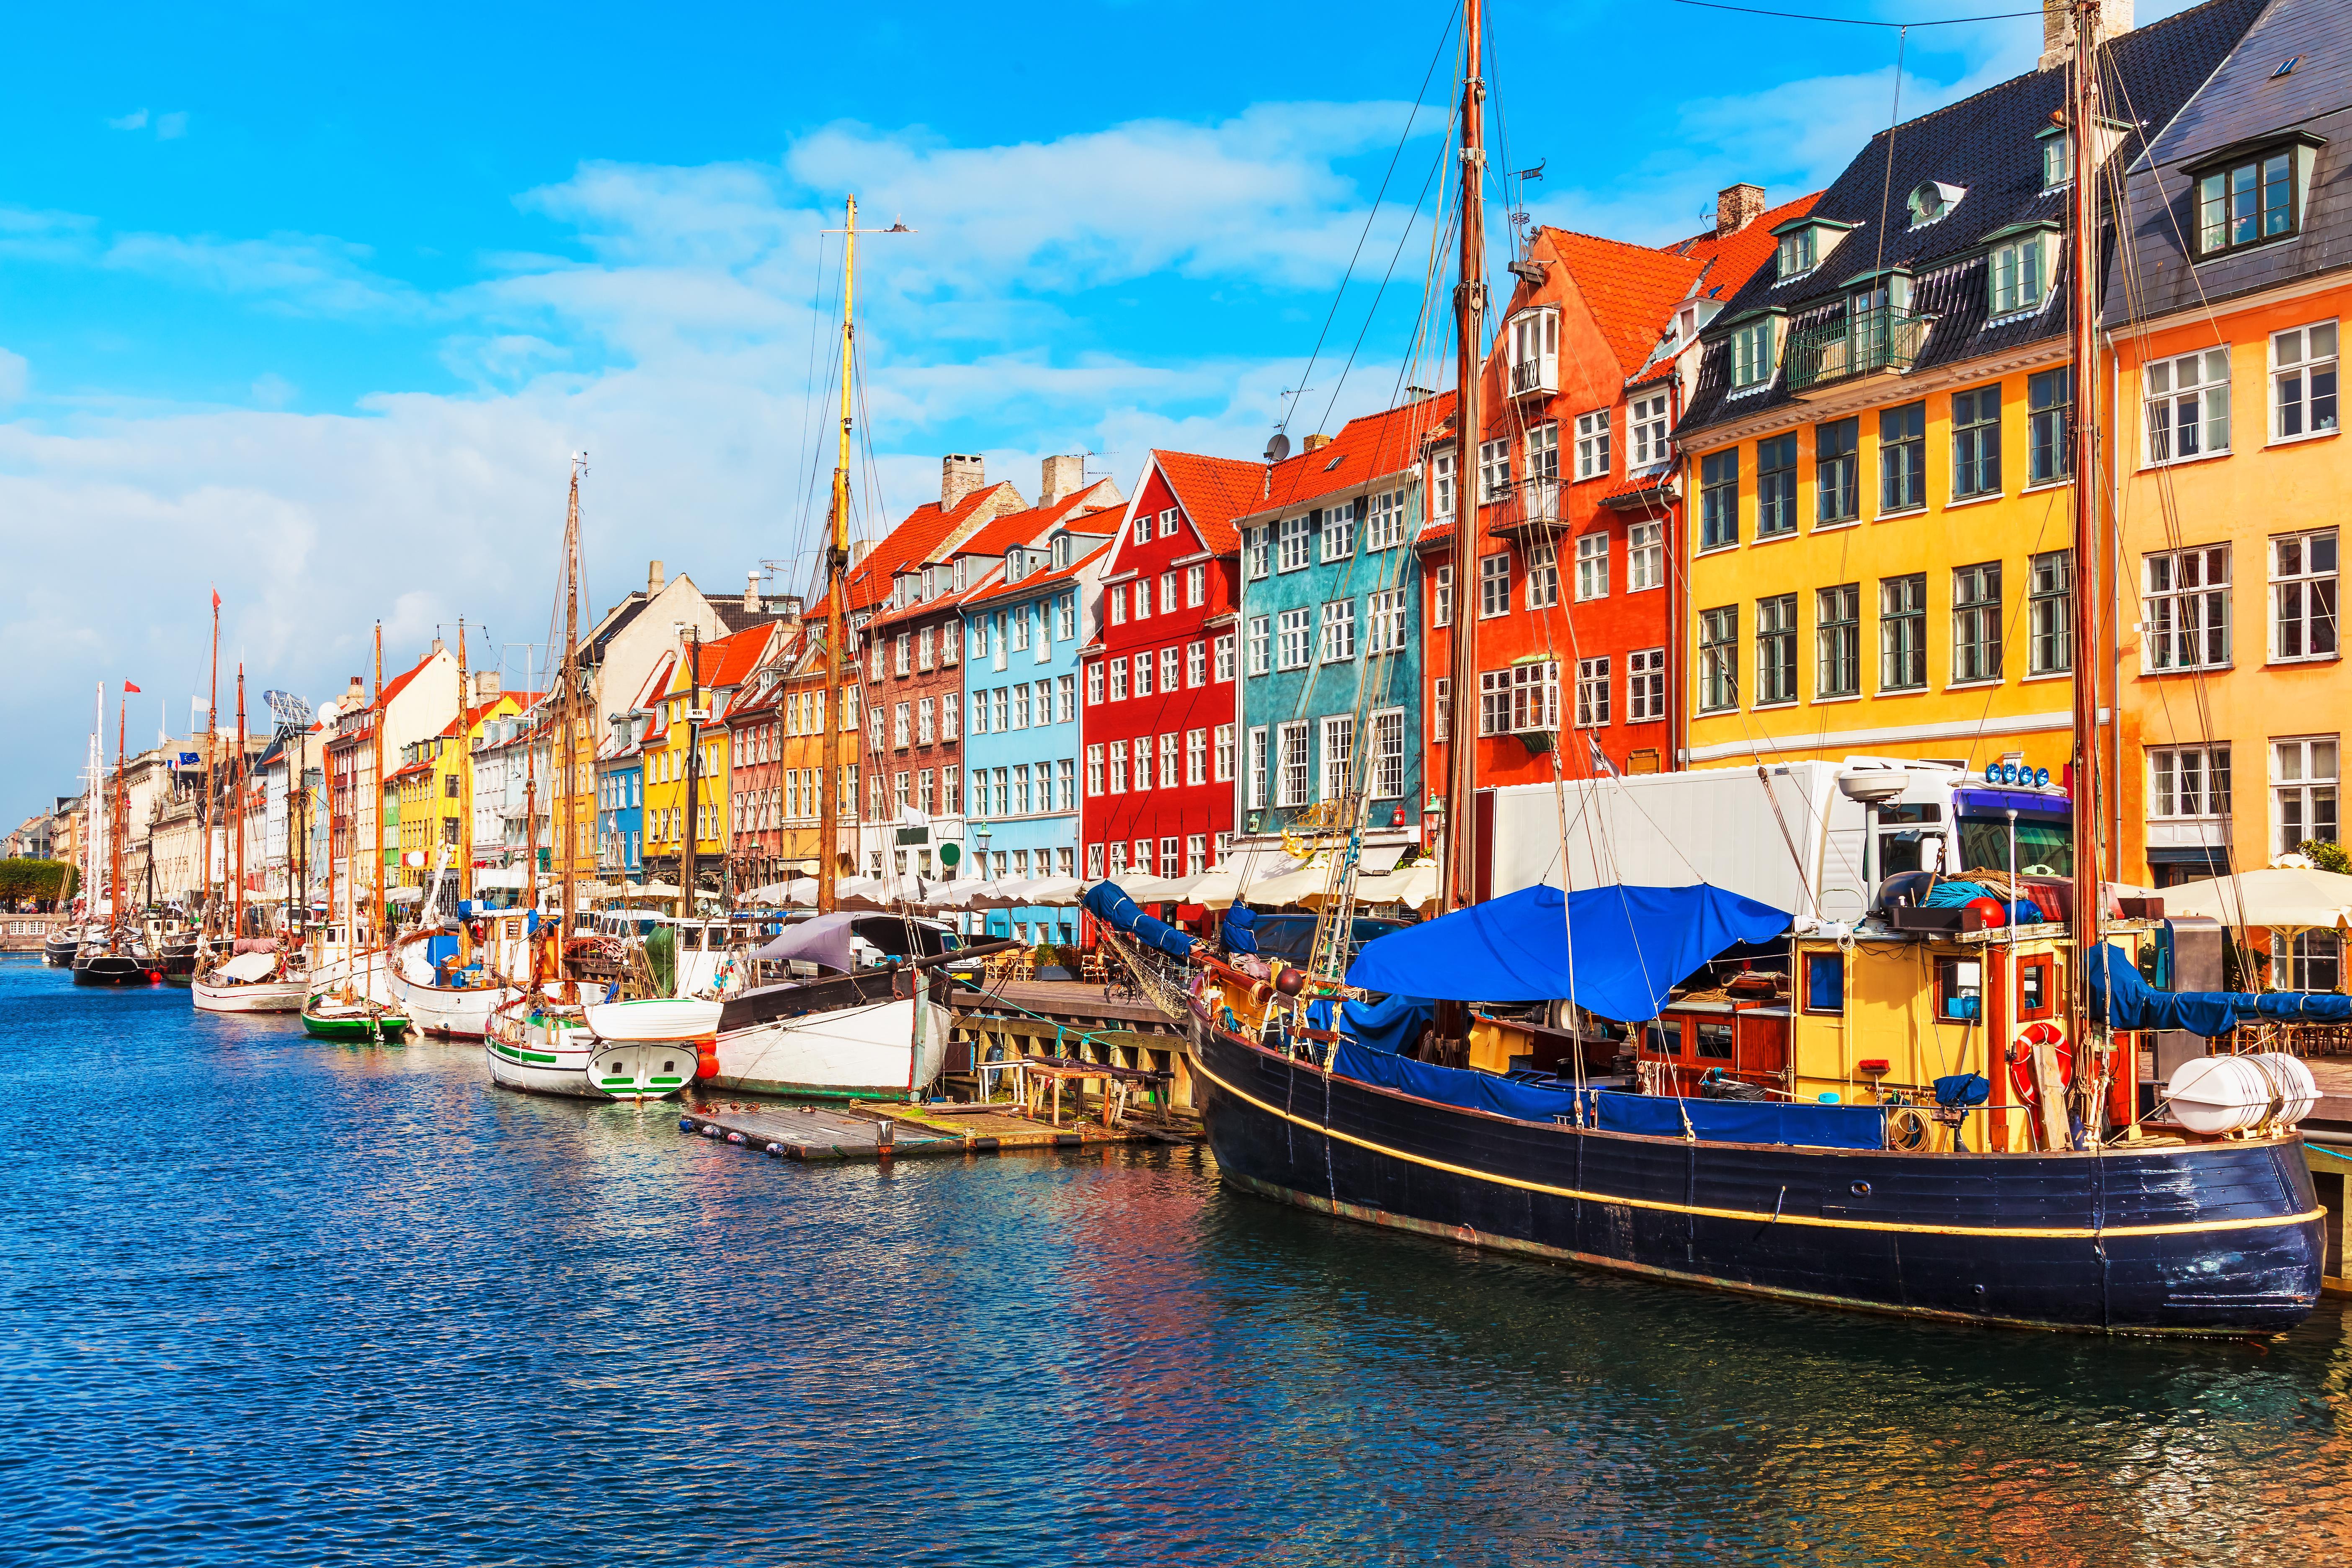 Romantické nábřeží Nyhavn,  které lemují barevné domky a kotví tu staré dřevěné lodě